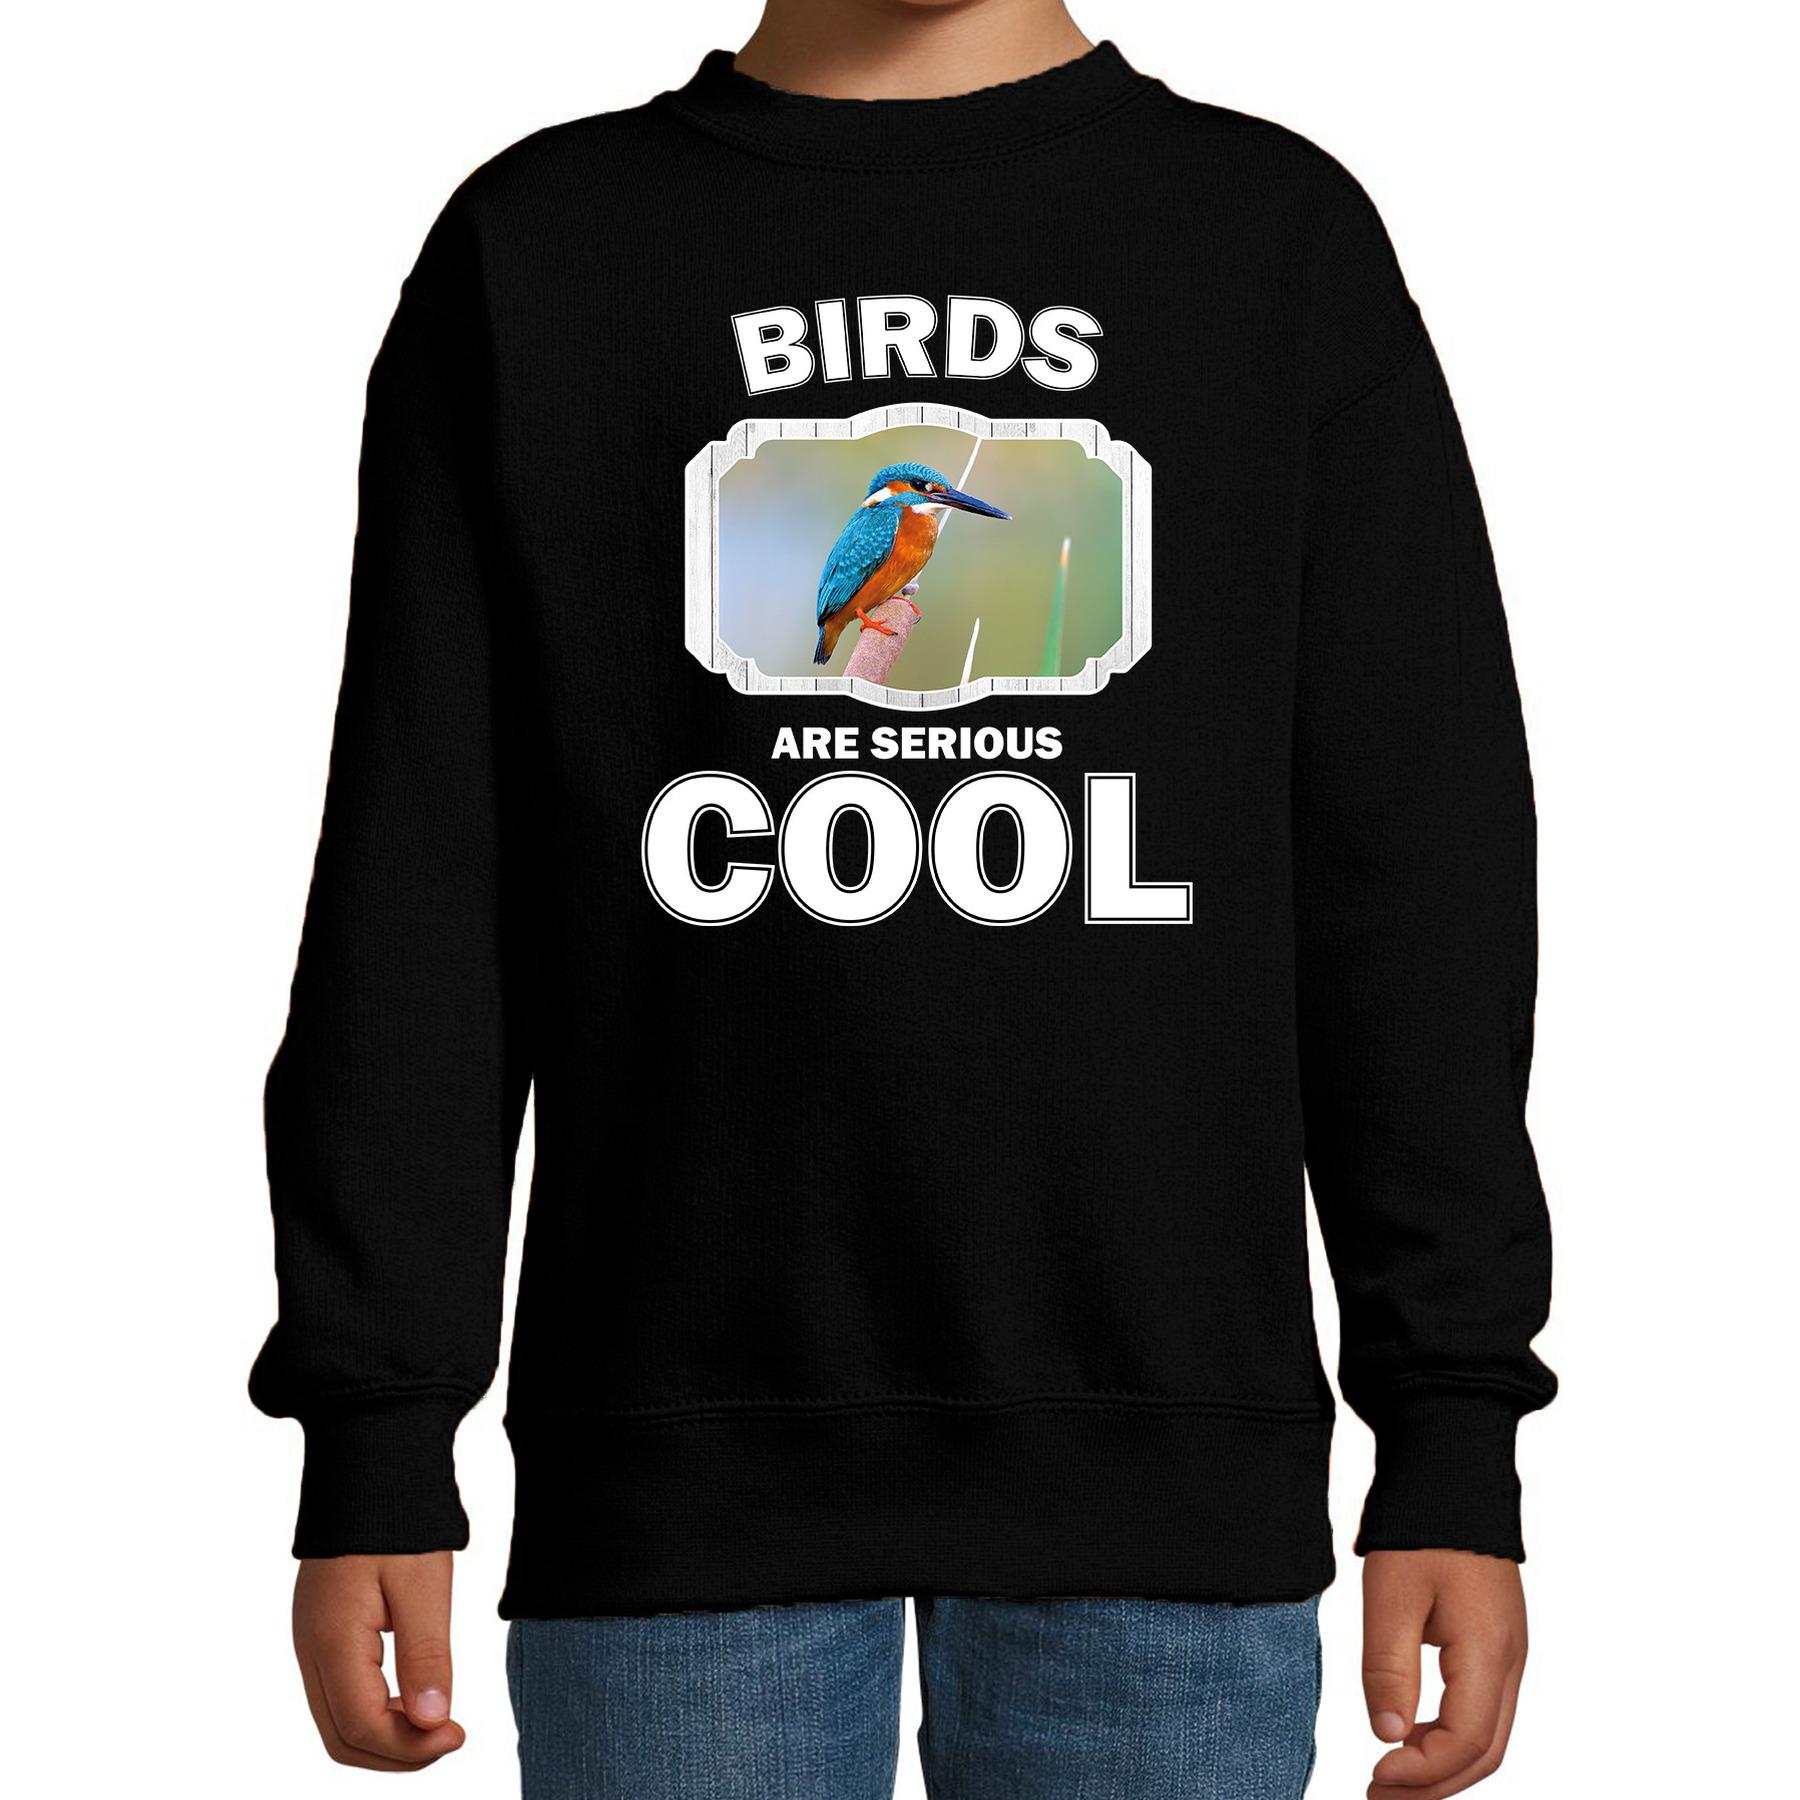 Dieren ijsvogel sweater zwart kinderen - birds are cool trui jongens en meisjes